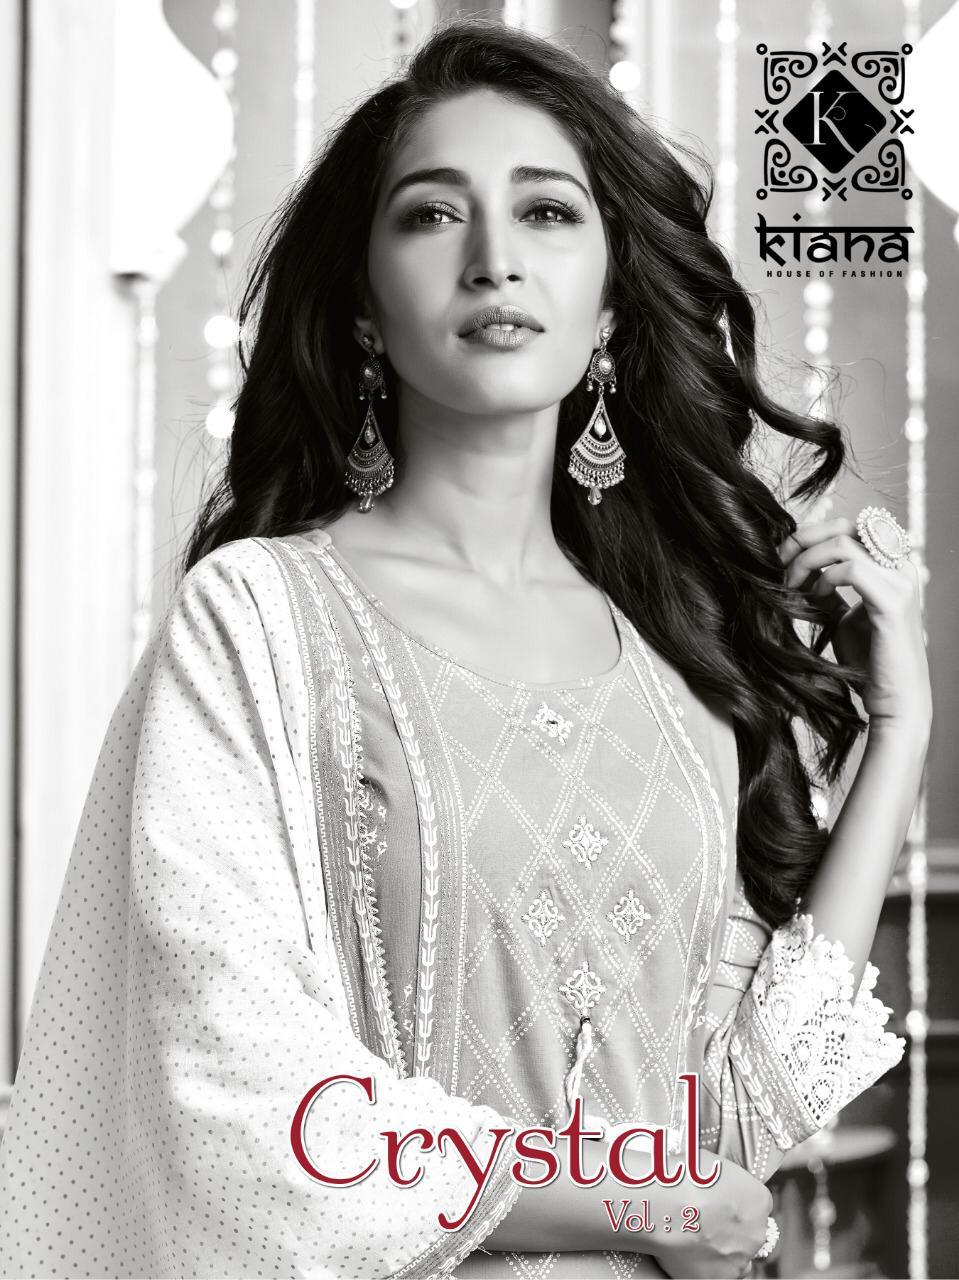 Crystal Vol 2 By Kiana Chanderi Silk Rayon Top With Sharara Pant Plazzo And Dupatta Readymade